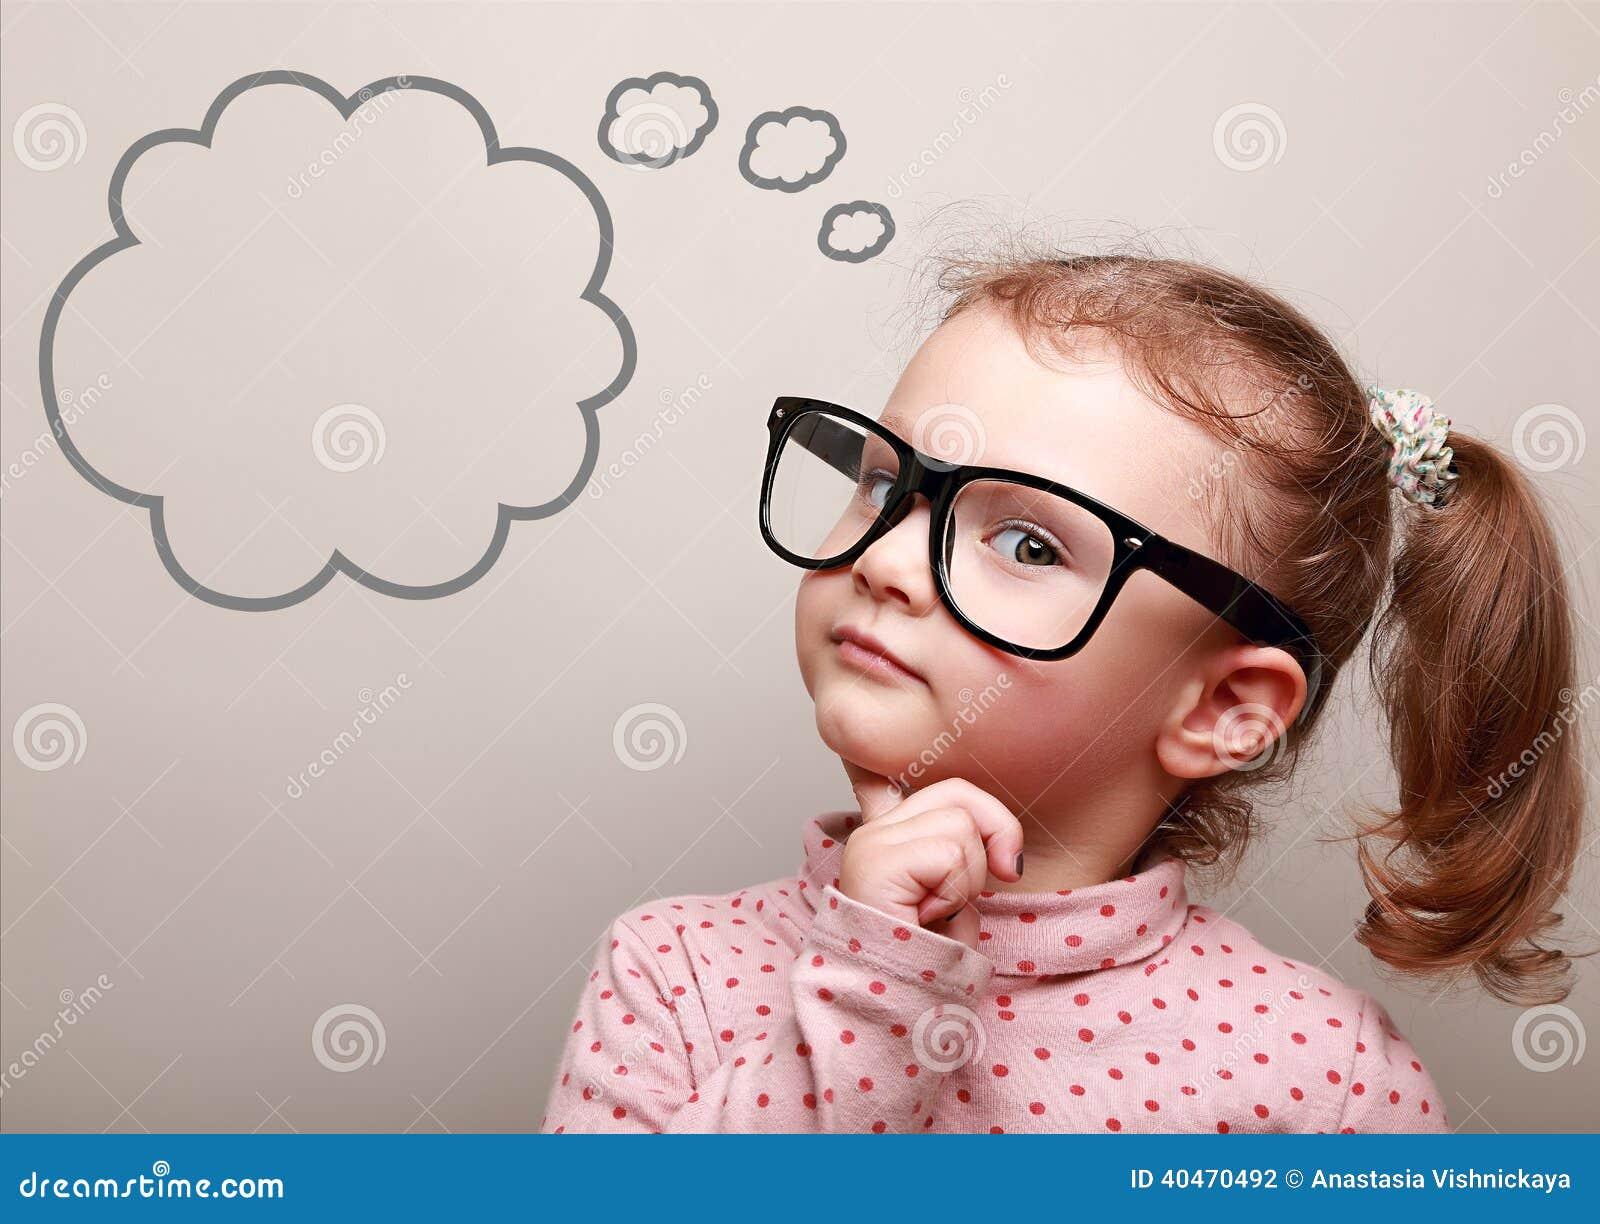 Χαριτωμένο σκεπτόμενο κορίτσι παιδιών στα γυαλιά με την κενή φυσαλίδα